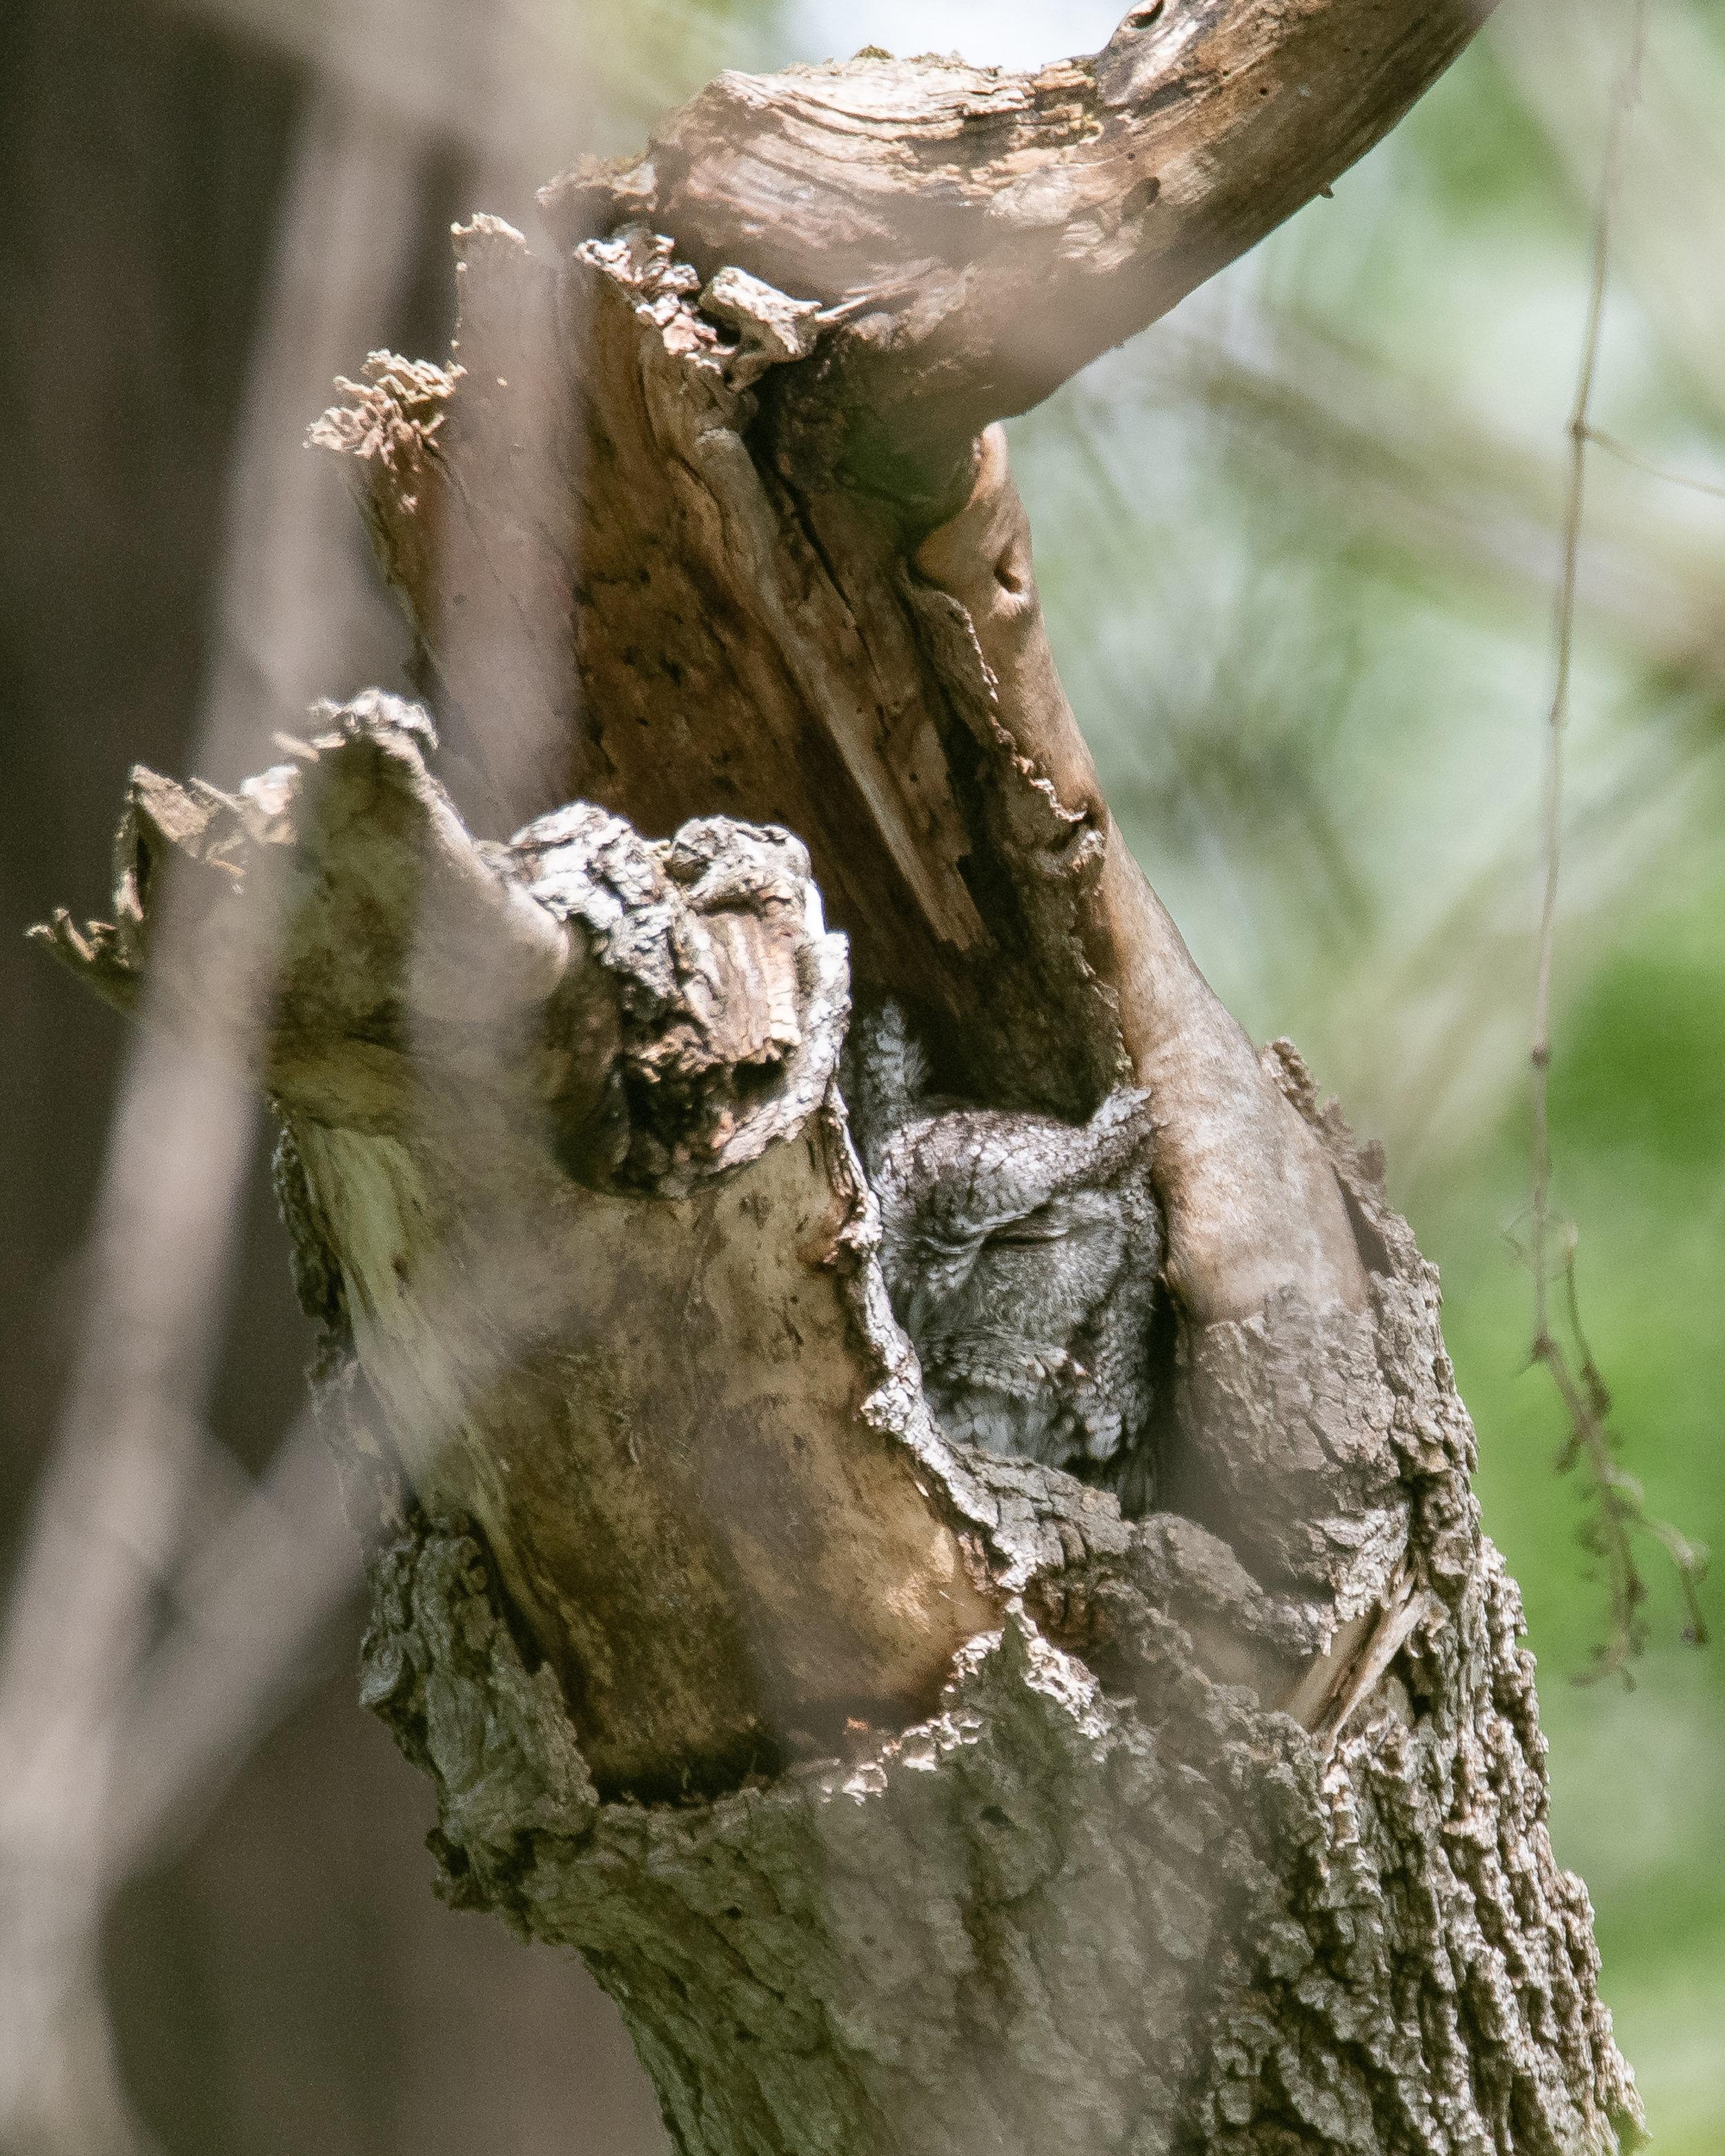 A Sleepy Screech Owl